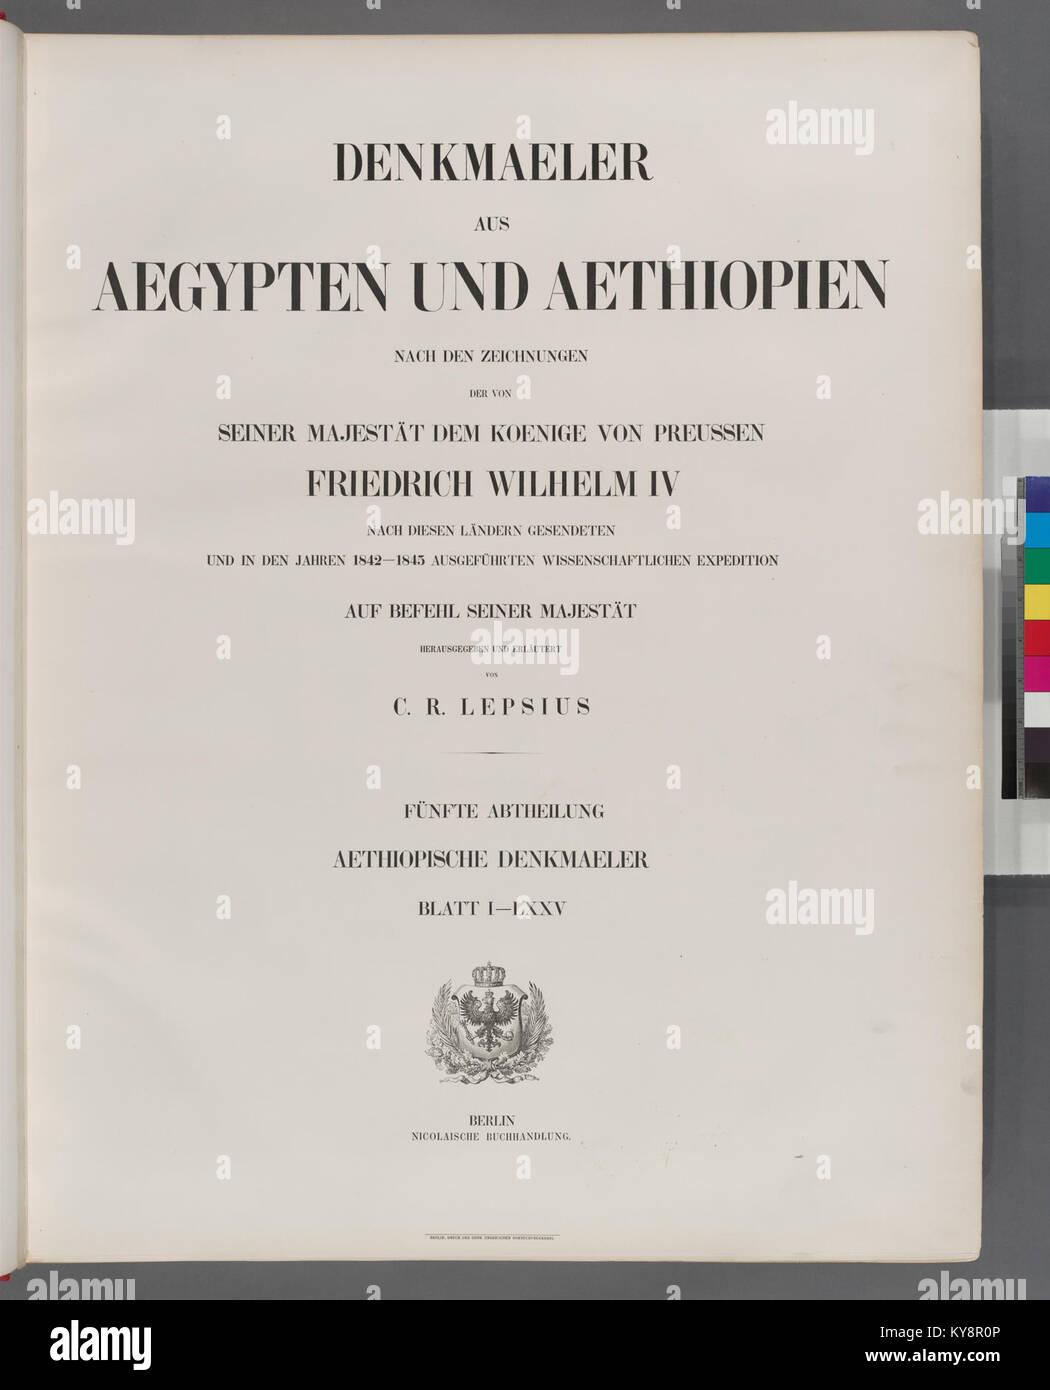 Title page) Denkmaeler aus Aegypten und Aethiopien Fünfte Abtheilung- Aethiopische Denkmaeler. Blatt I-LXXV - Stock Image